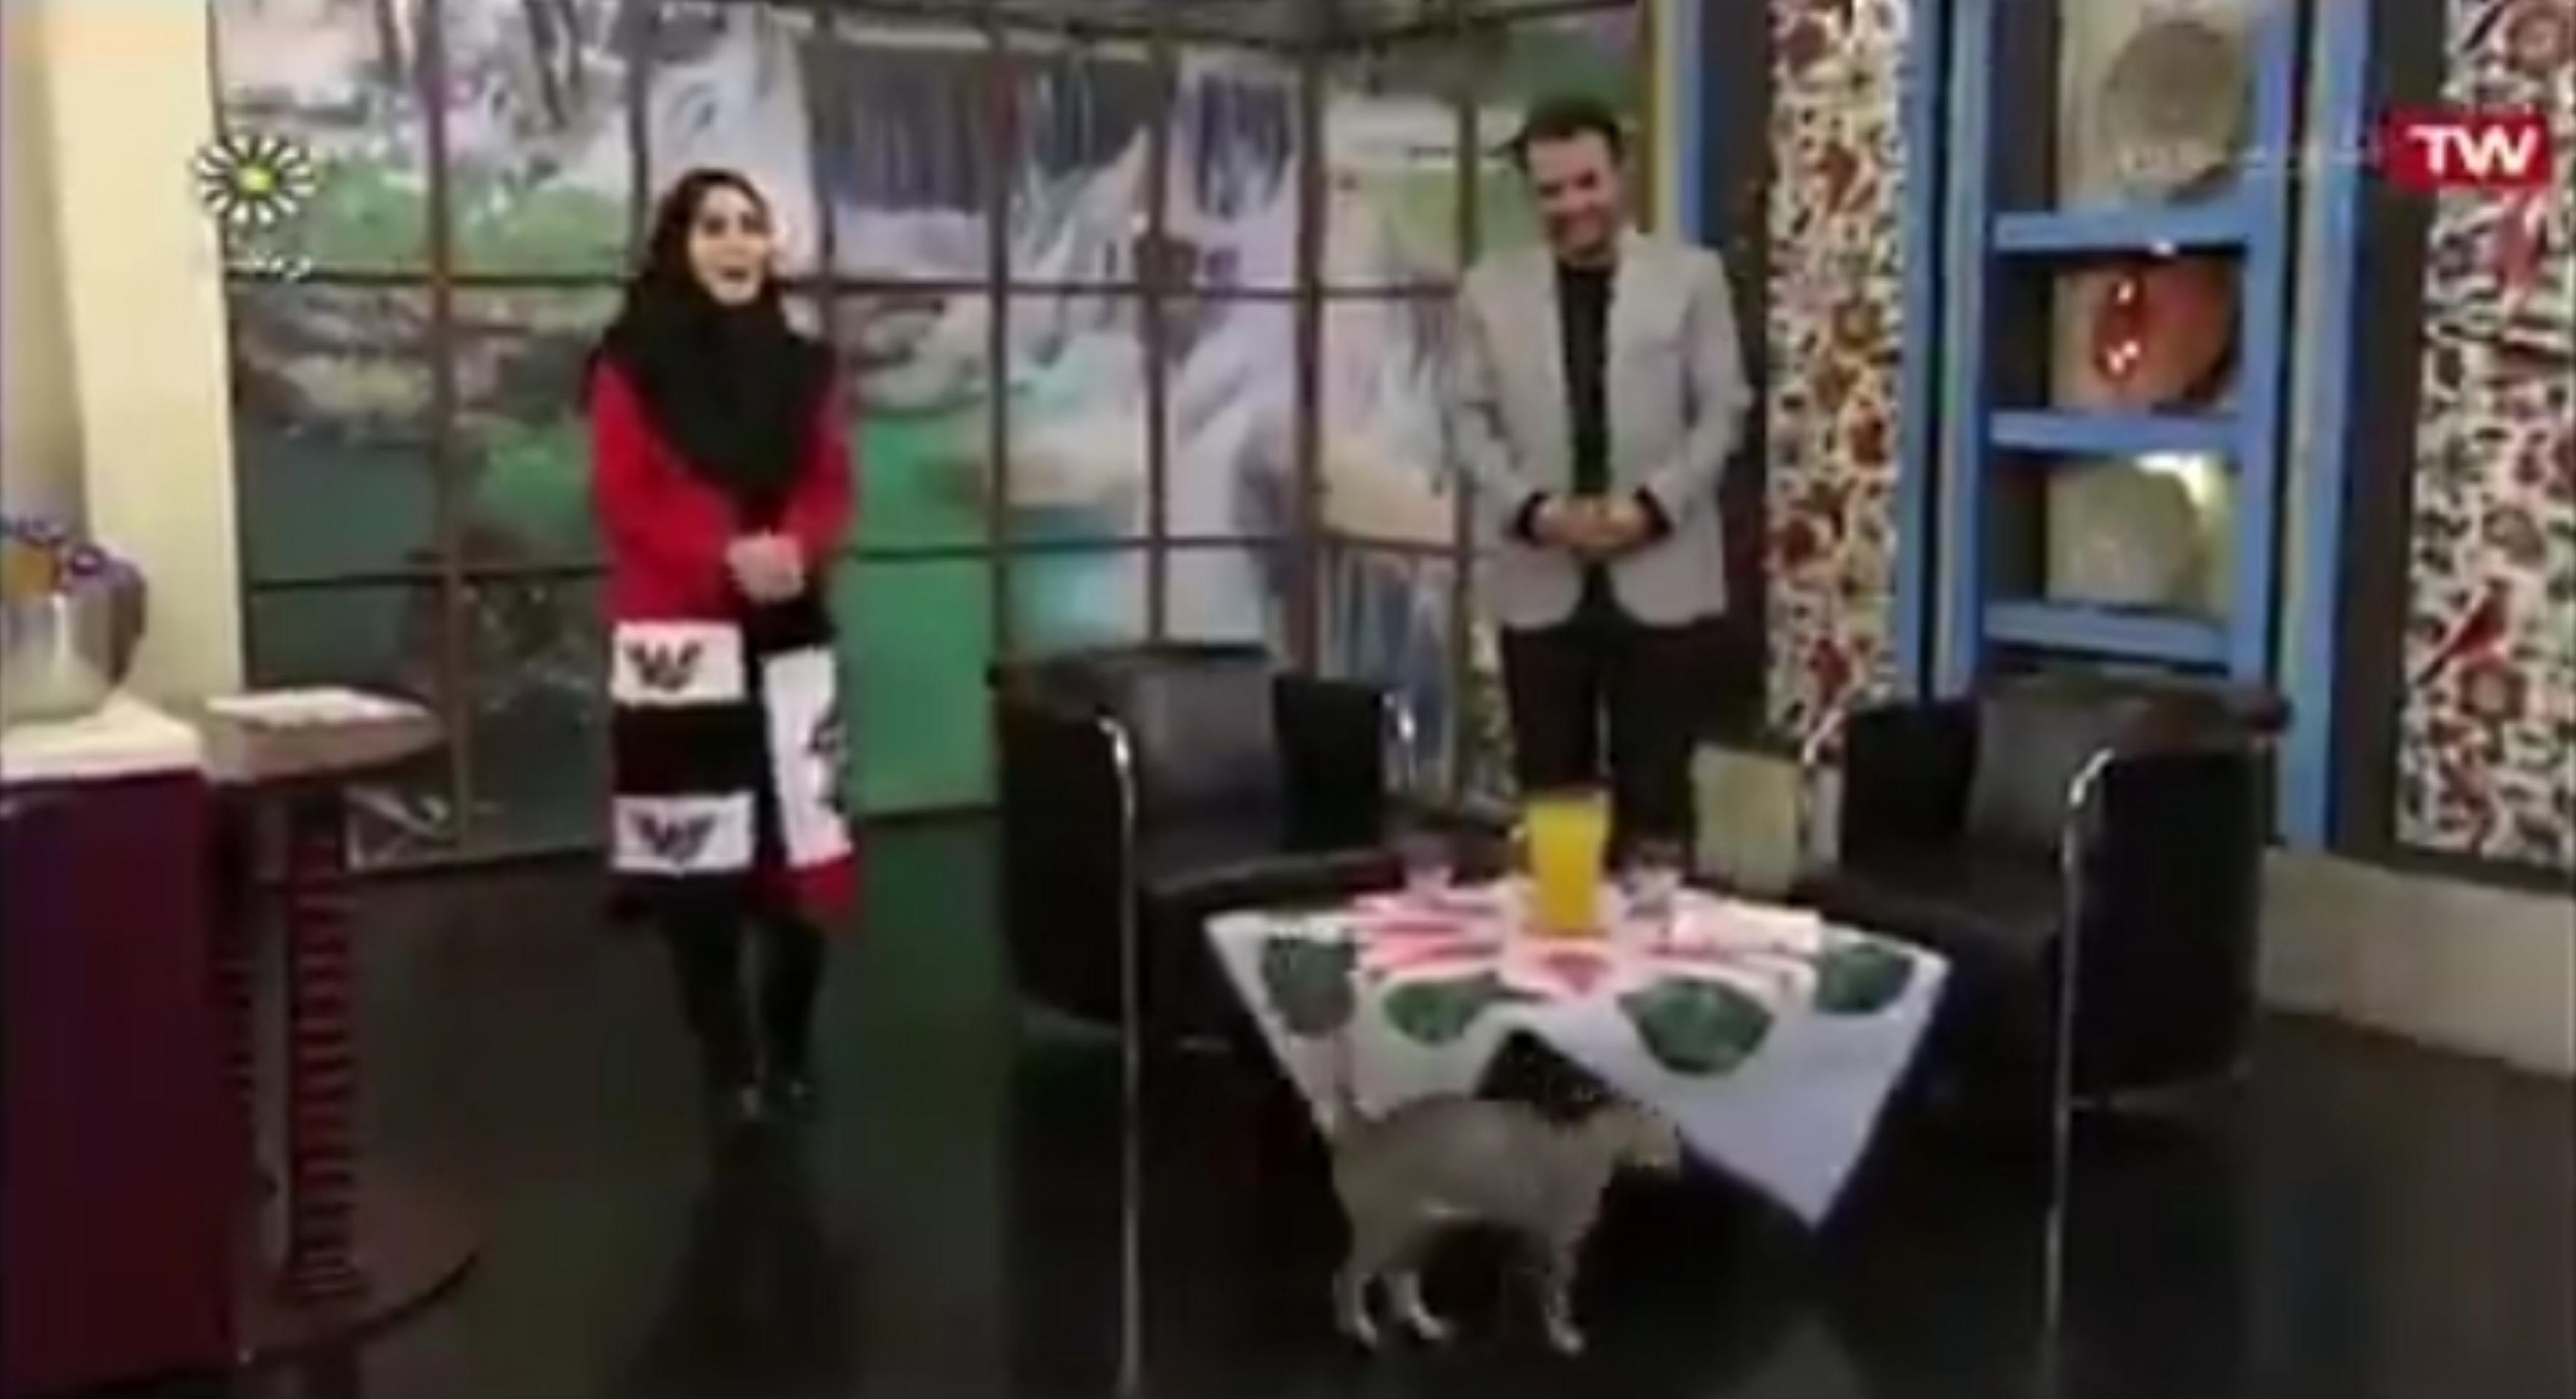 حضور یک گربه در پخش زنده برنامه تلویزیونی +فیلم